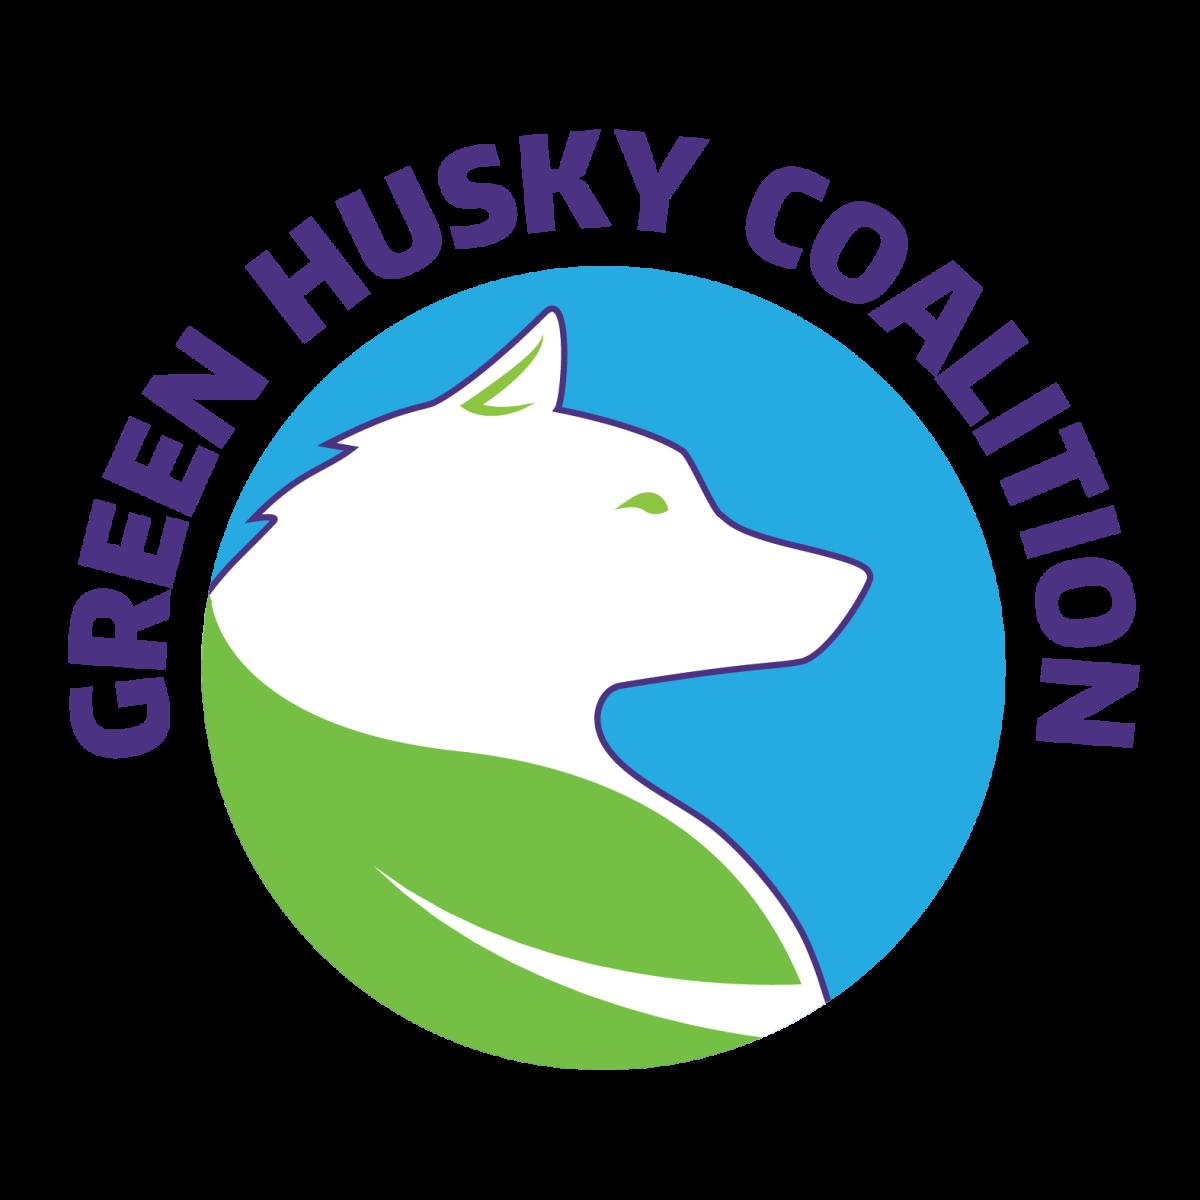 Proud clipart helpful student. Green husky coalition uw